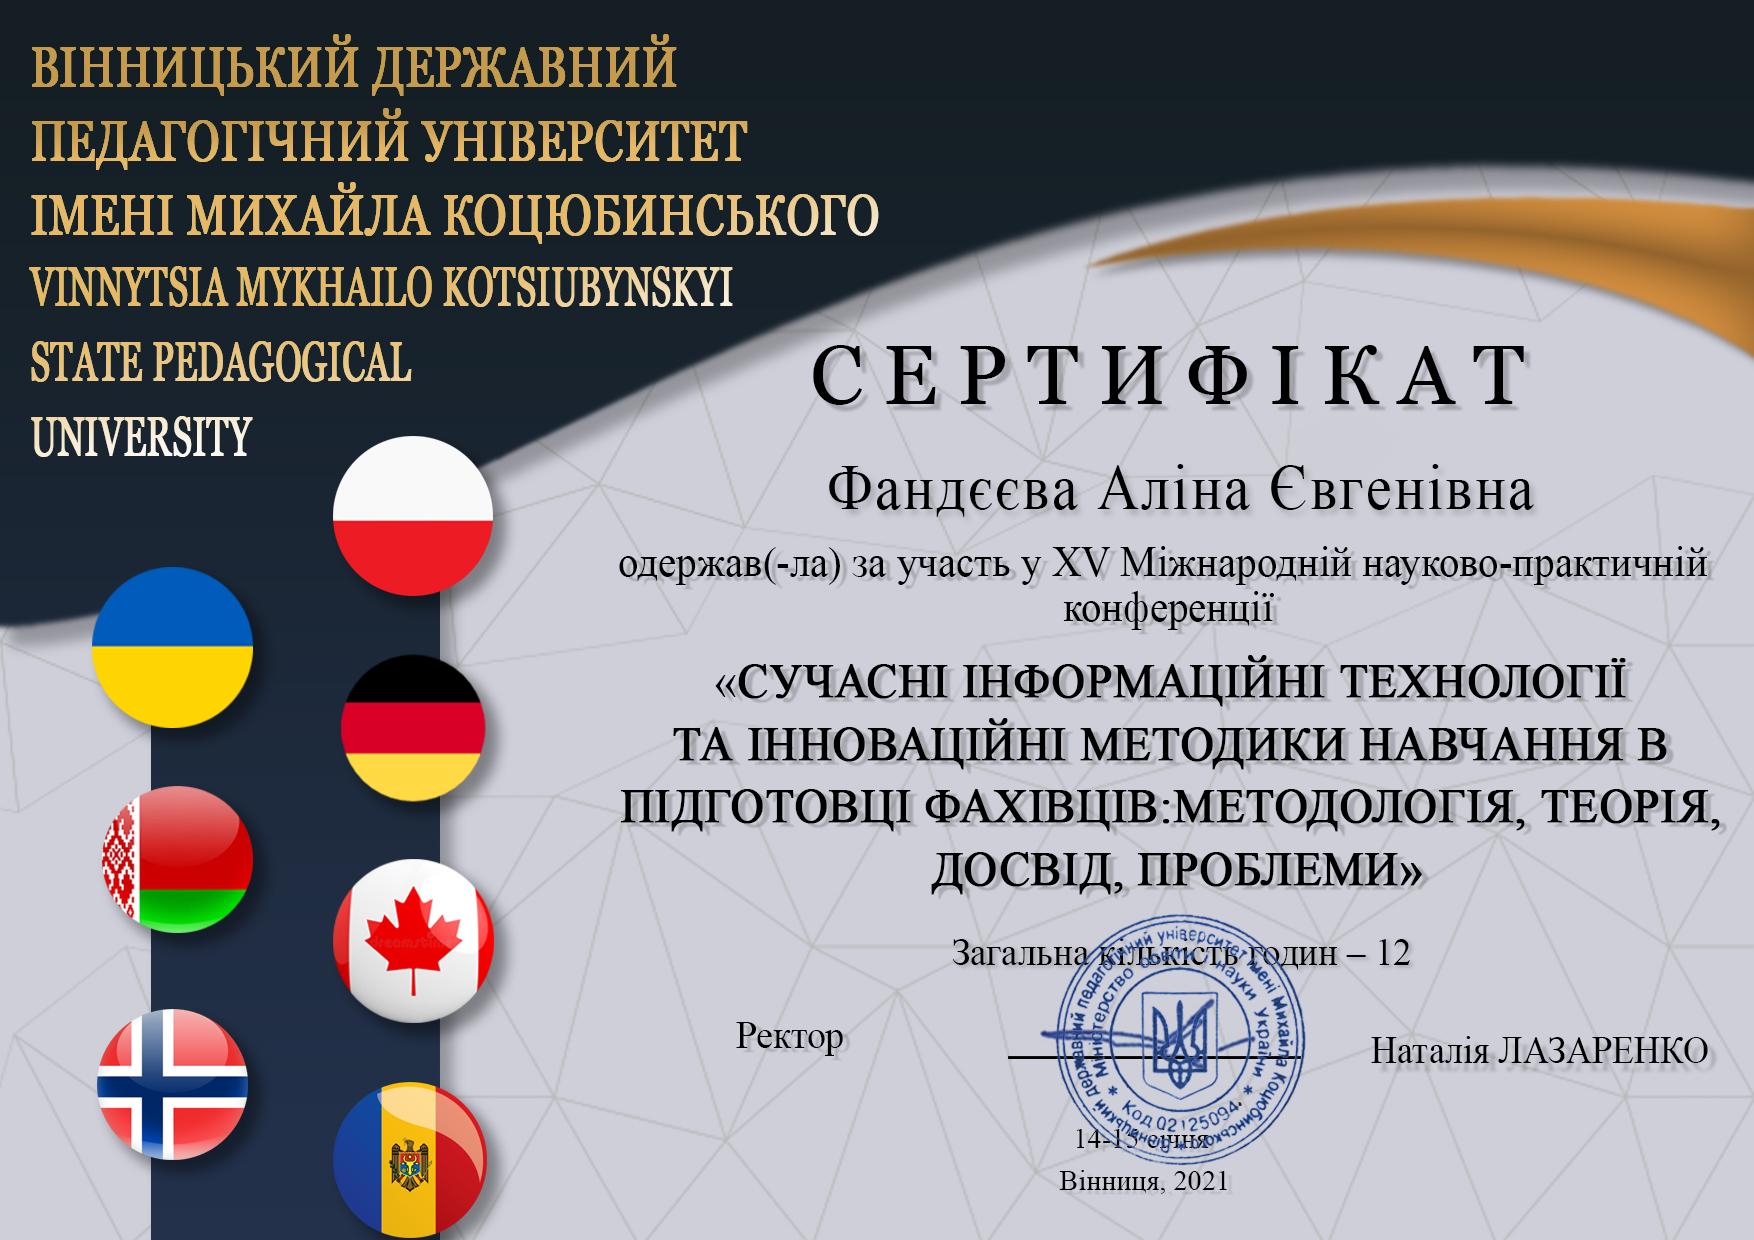 Фандєєва Аліна Євгенівна